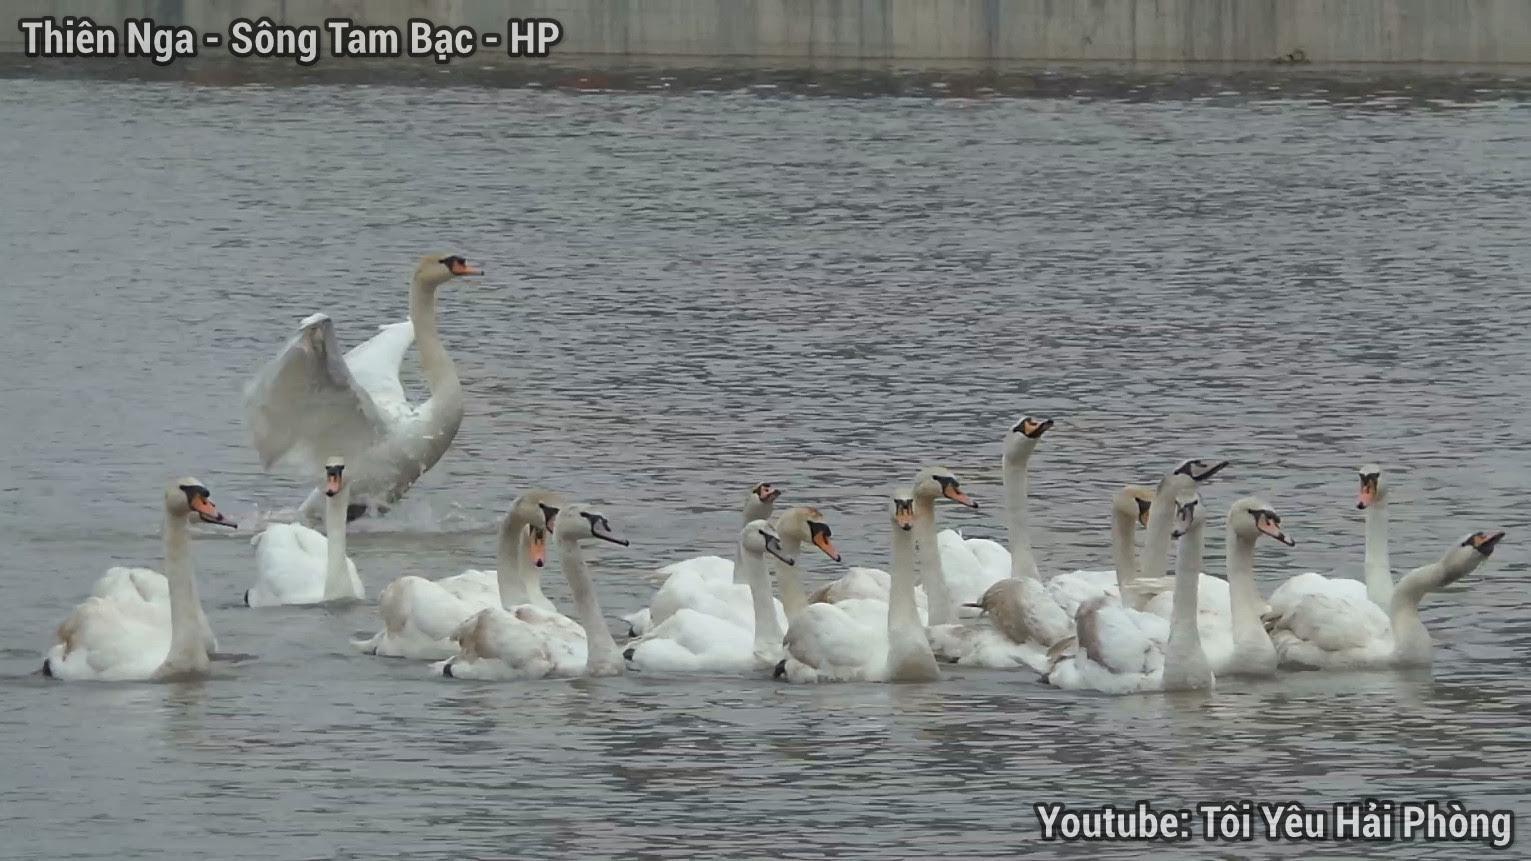 Cận cảnh chim Thiên Nga ở sông Tam Bạc Hải Phòng 4